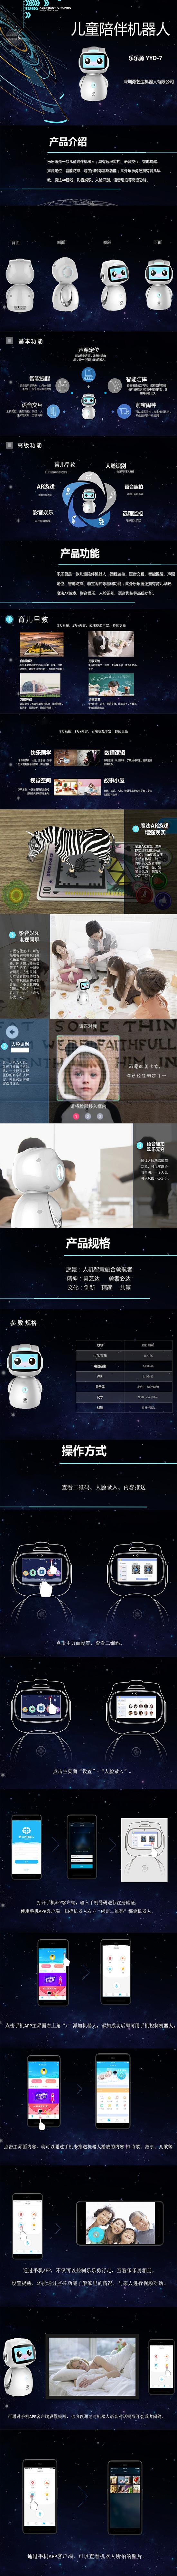 勇艺达智能机器人语音互动聊天儿童早教学习 远程视频拍照 乐乐勇